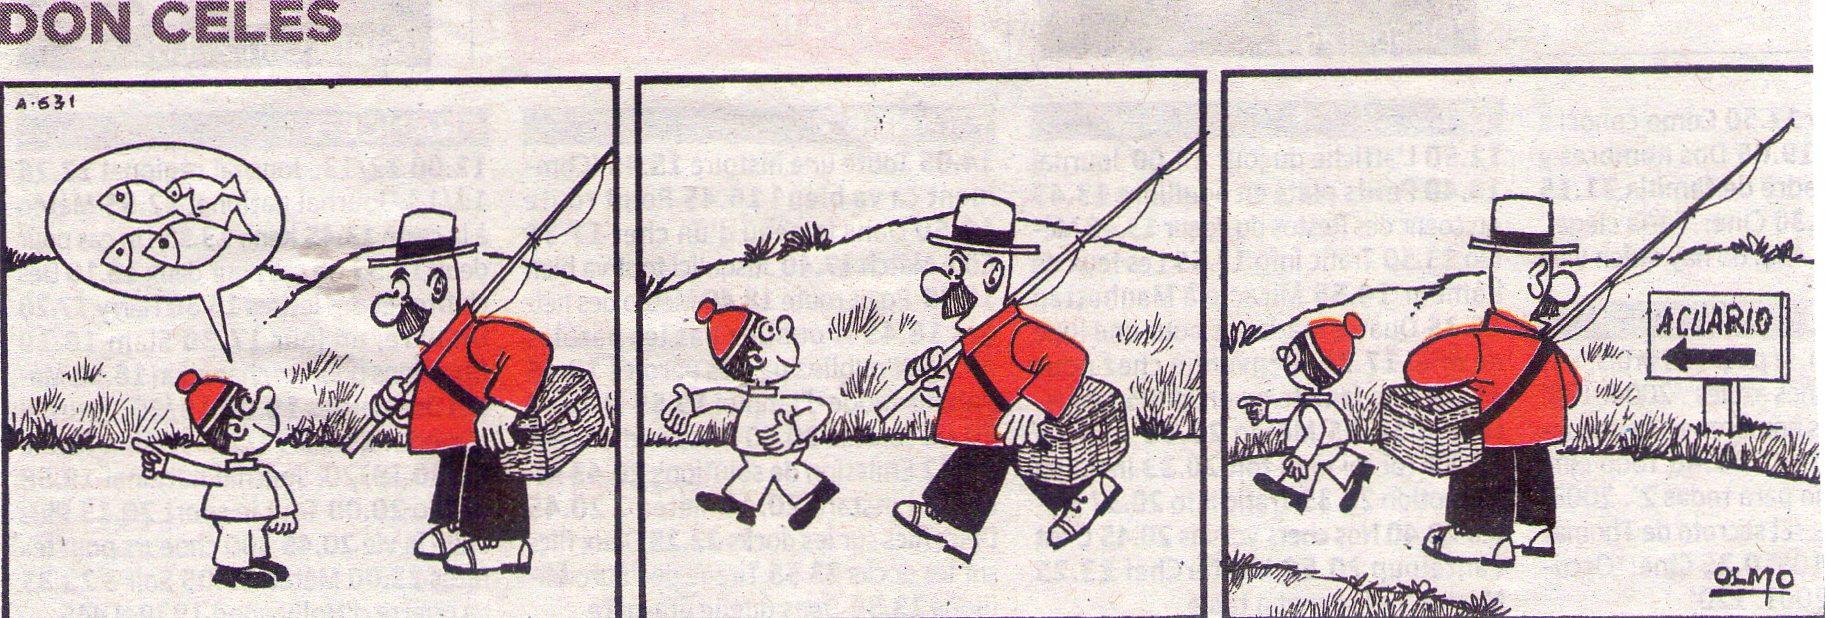 A Don Celes le enseñan donde pescar